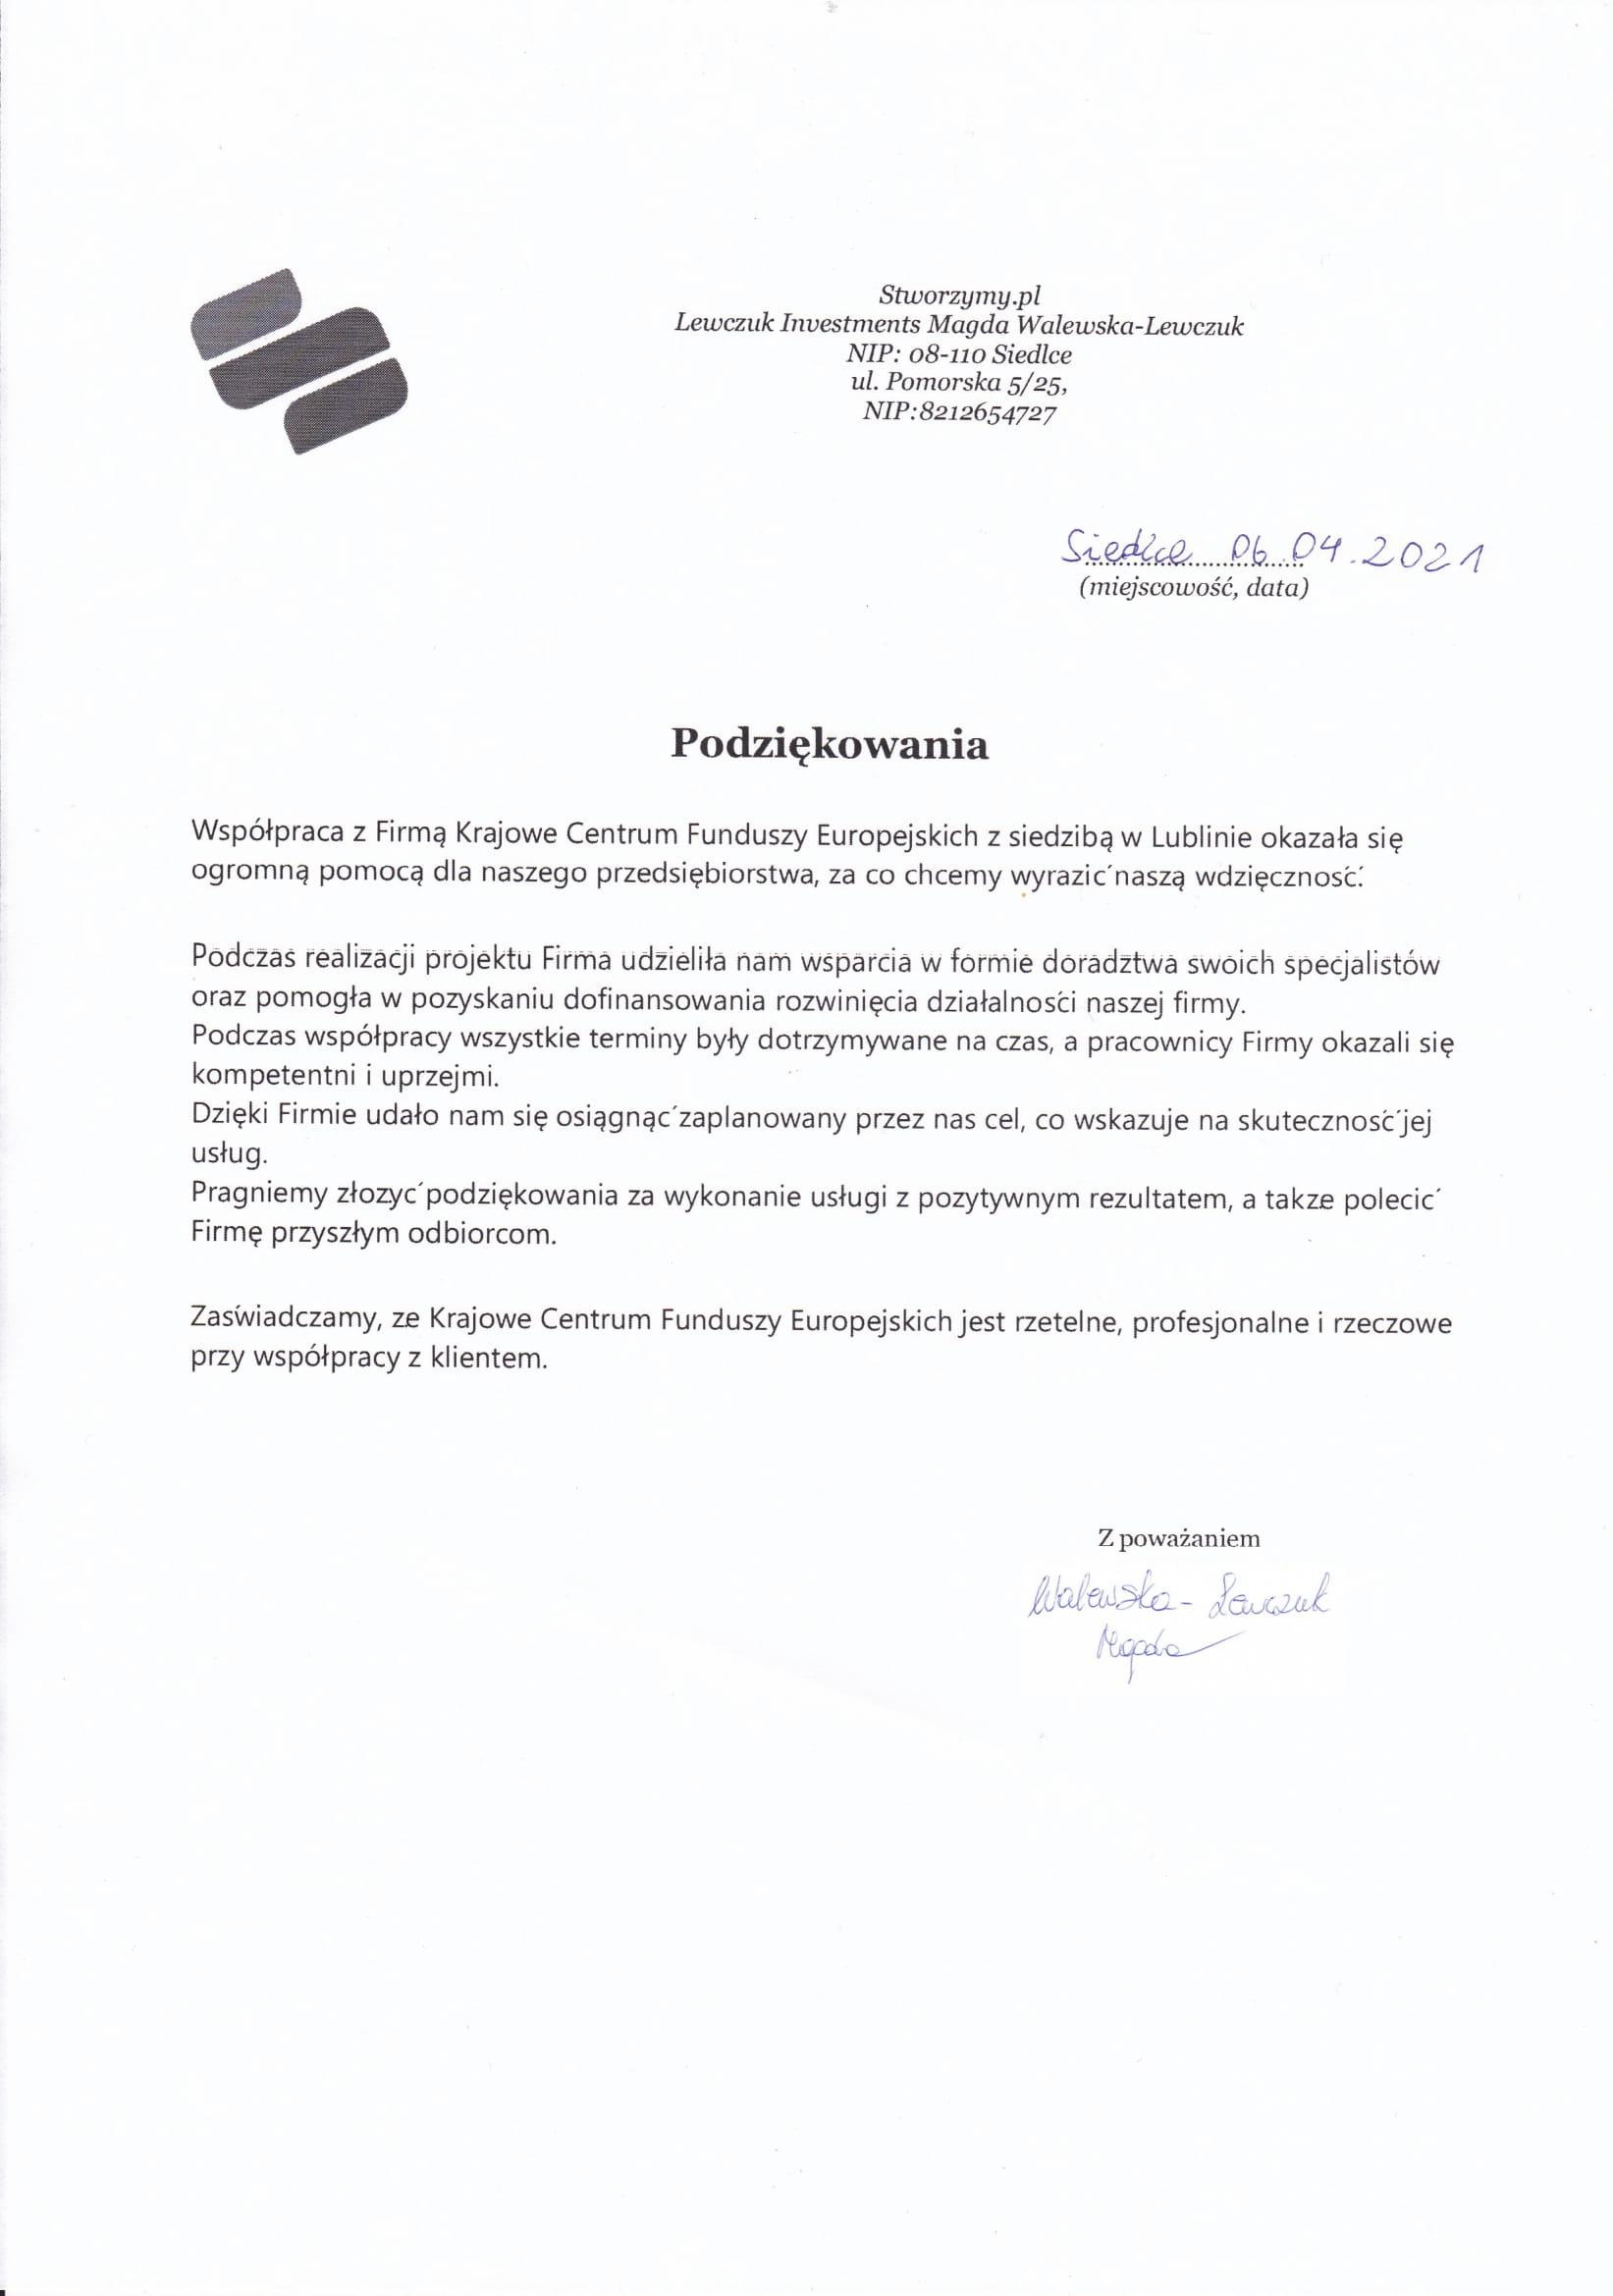 Referencje Stworzymy.pl 06.04.2021 JPG